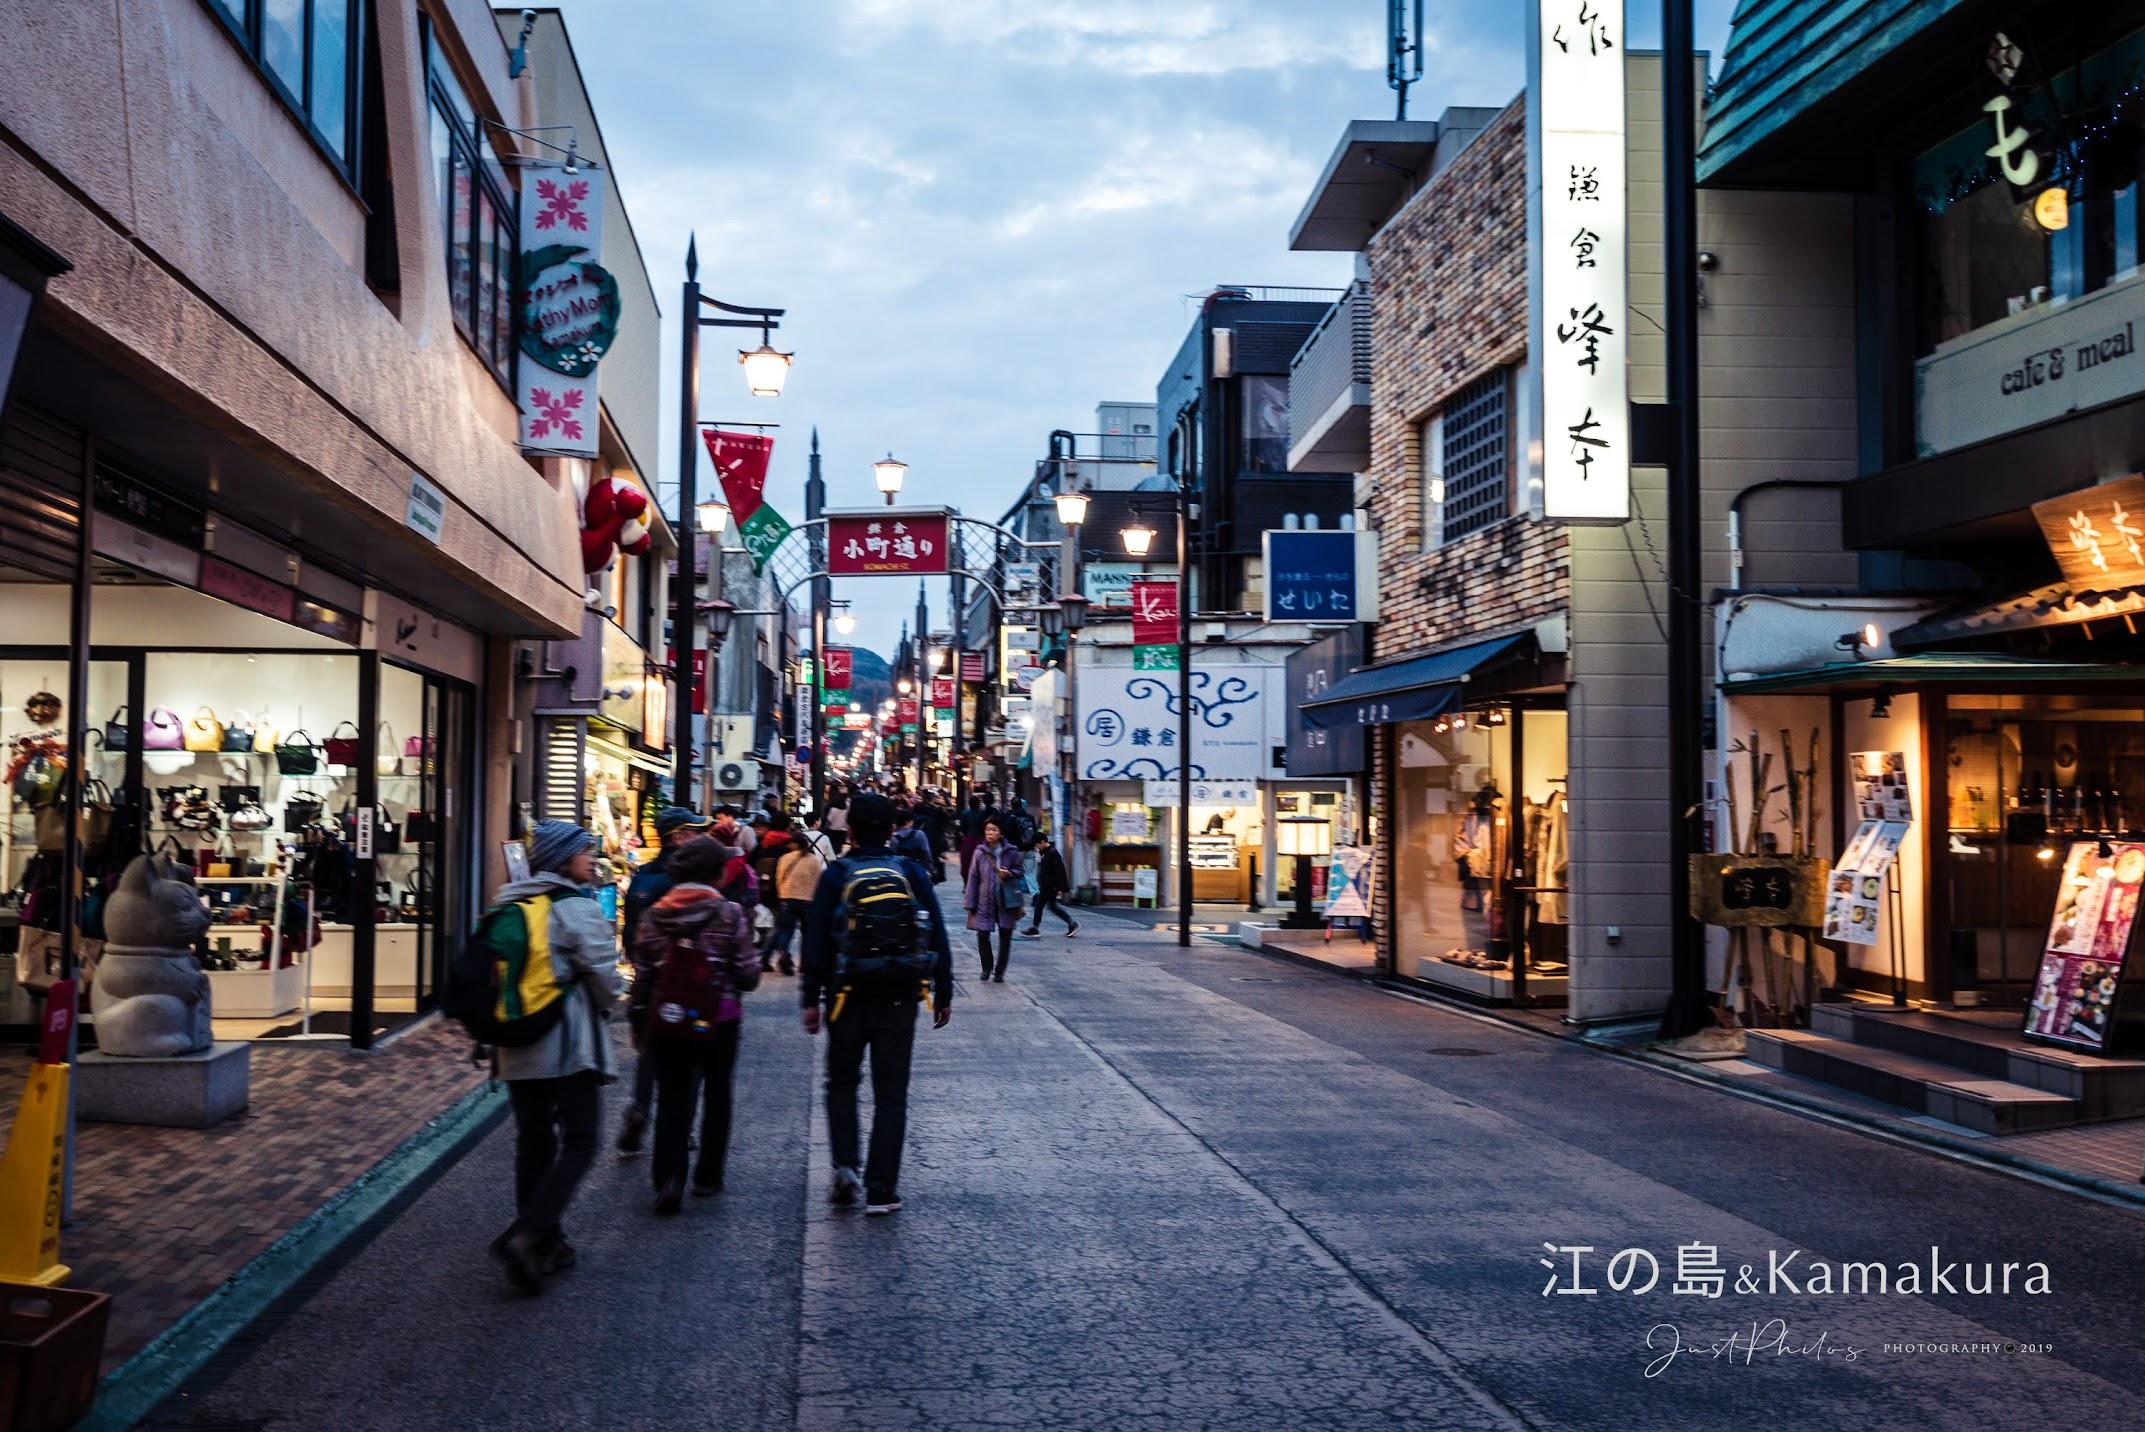 小町通聚集了鎌倉的特色伴手禮與美食。